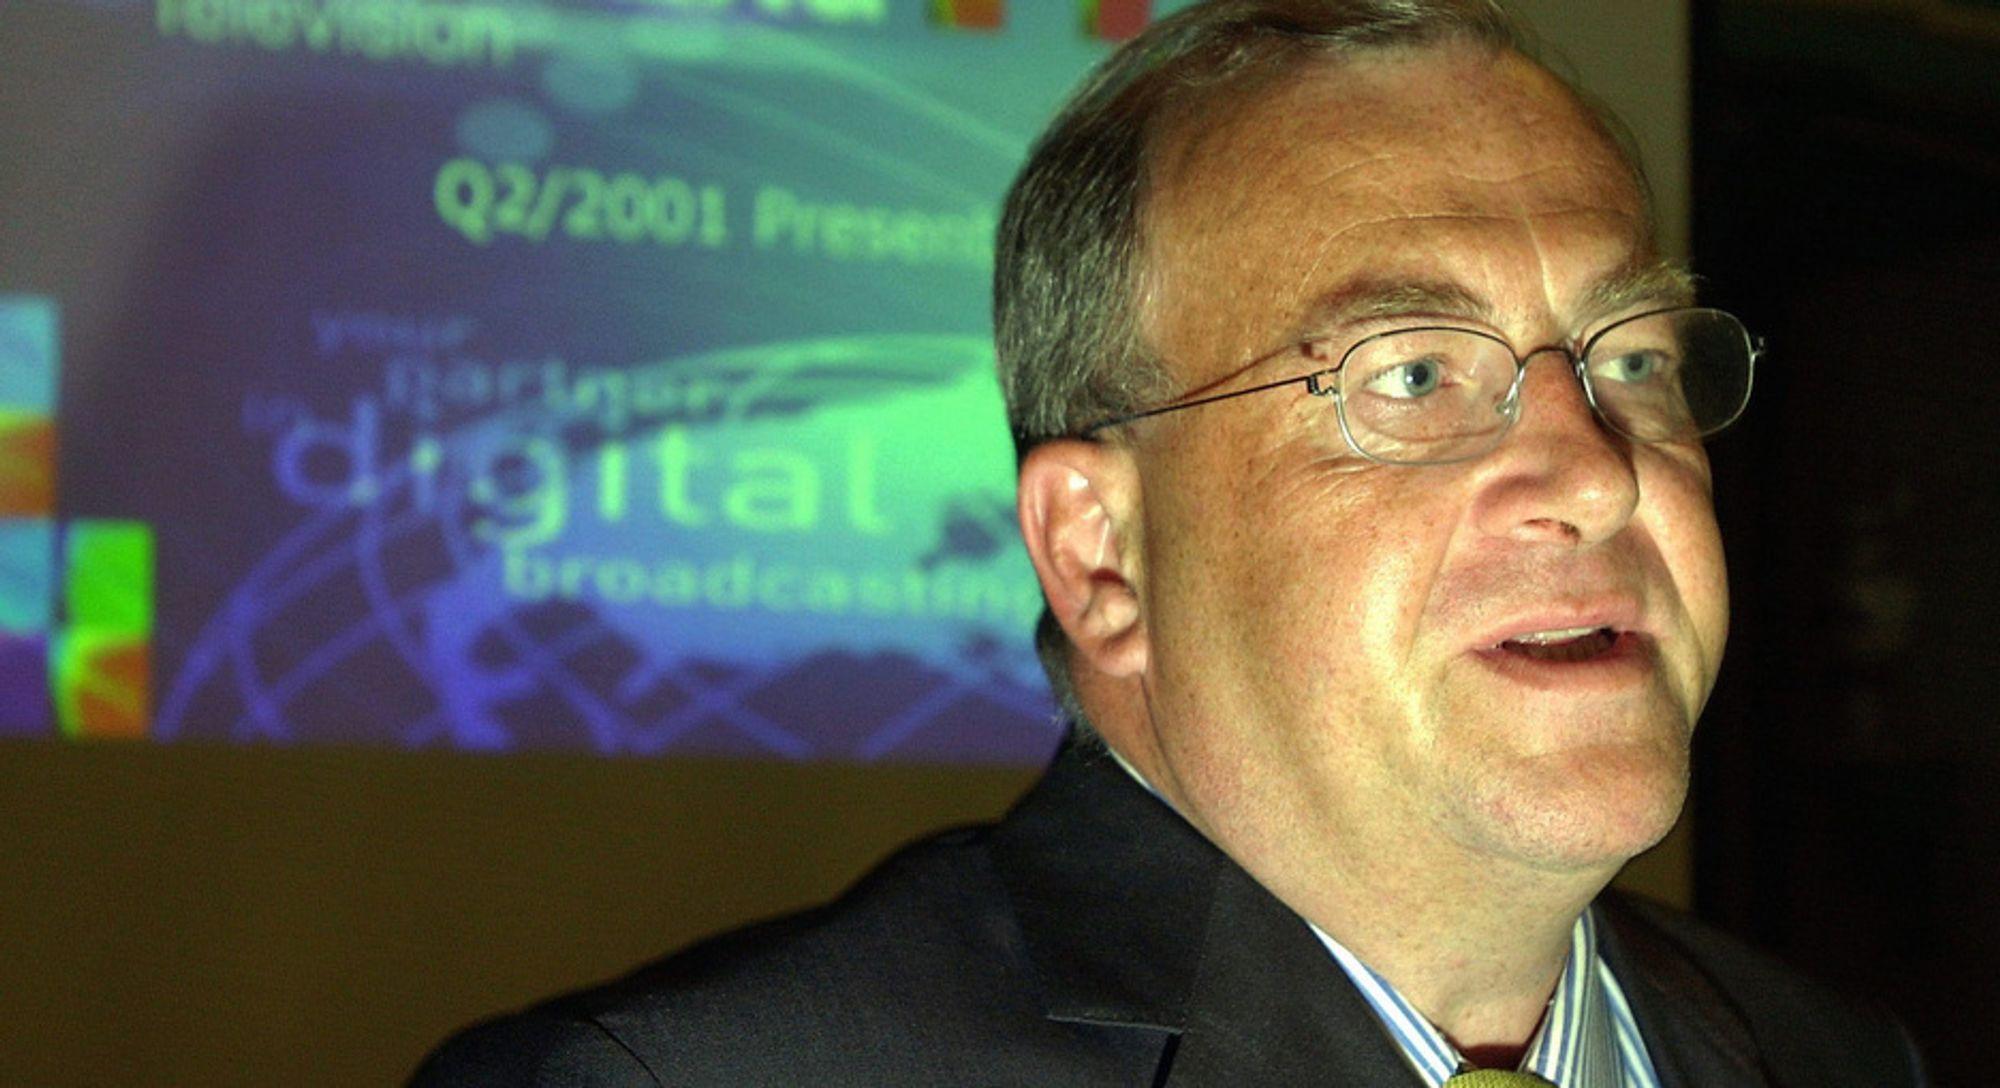 Kitron-sjef Jørgen Bredesen har i dag solgt datterselskapet Kitron Microelectronics AS på Røros. Nå fokuserer konsernet sin norske produksjon på Arendal.